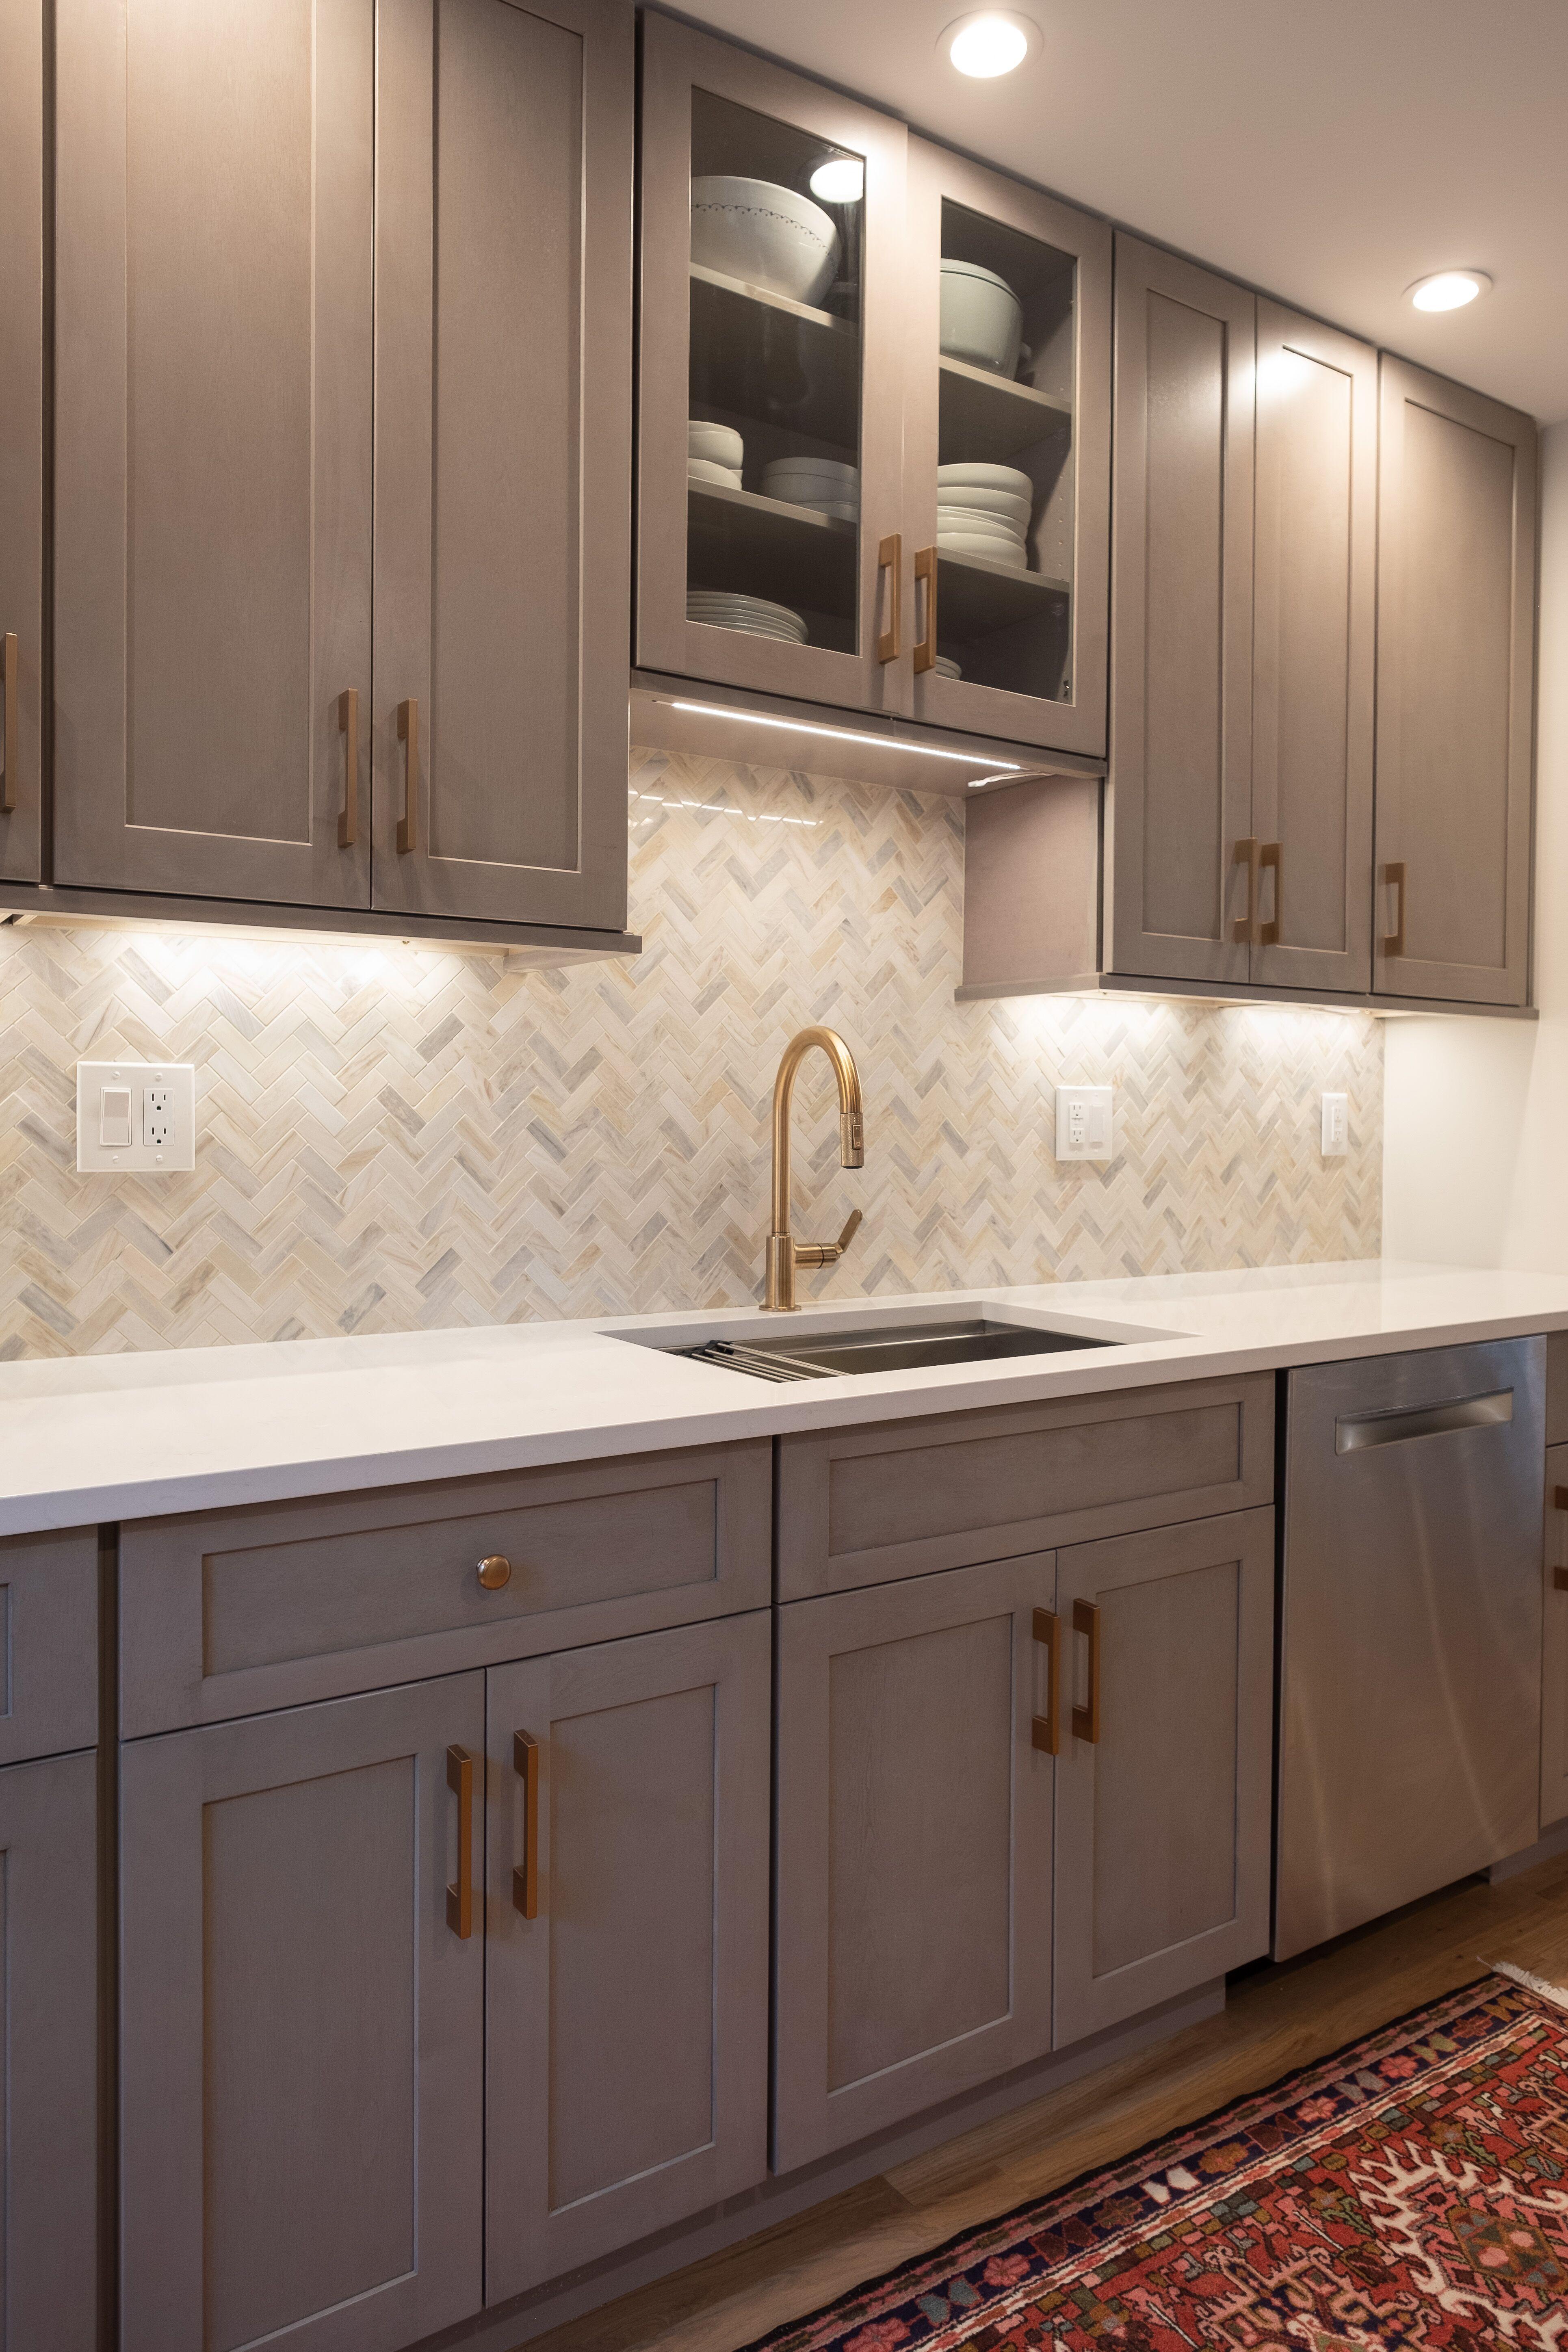 Grey Shaker Kitchen Westchester Ny Kitchen Cabinets And Cupboards Grey Shaker Kitchen Kitchen Remodel